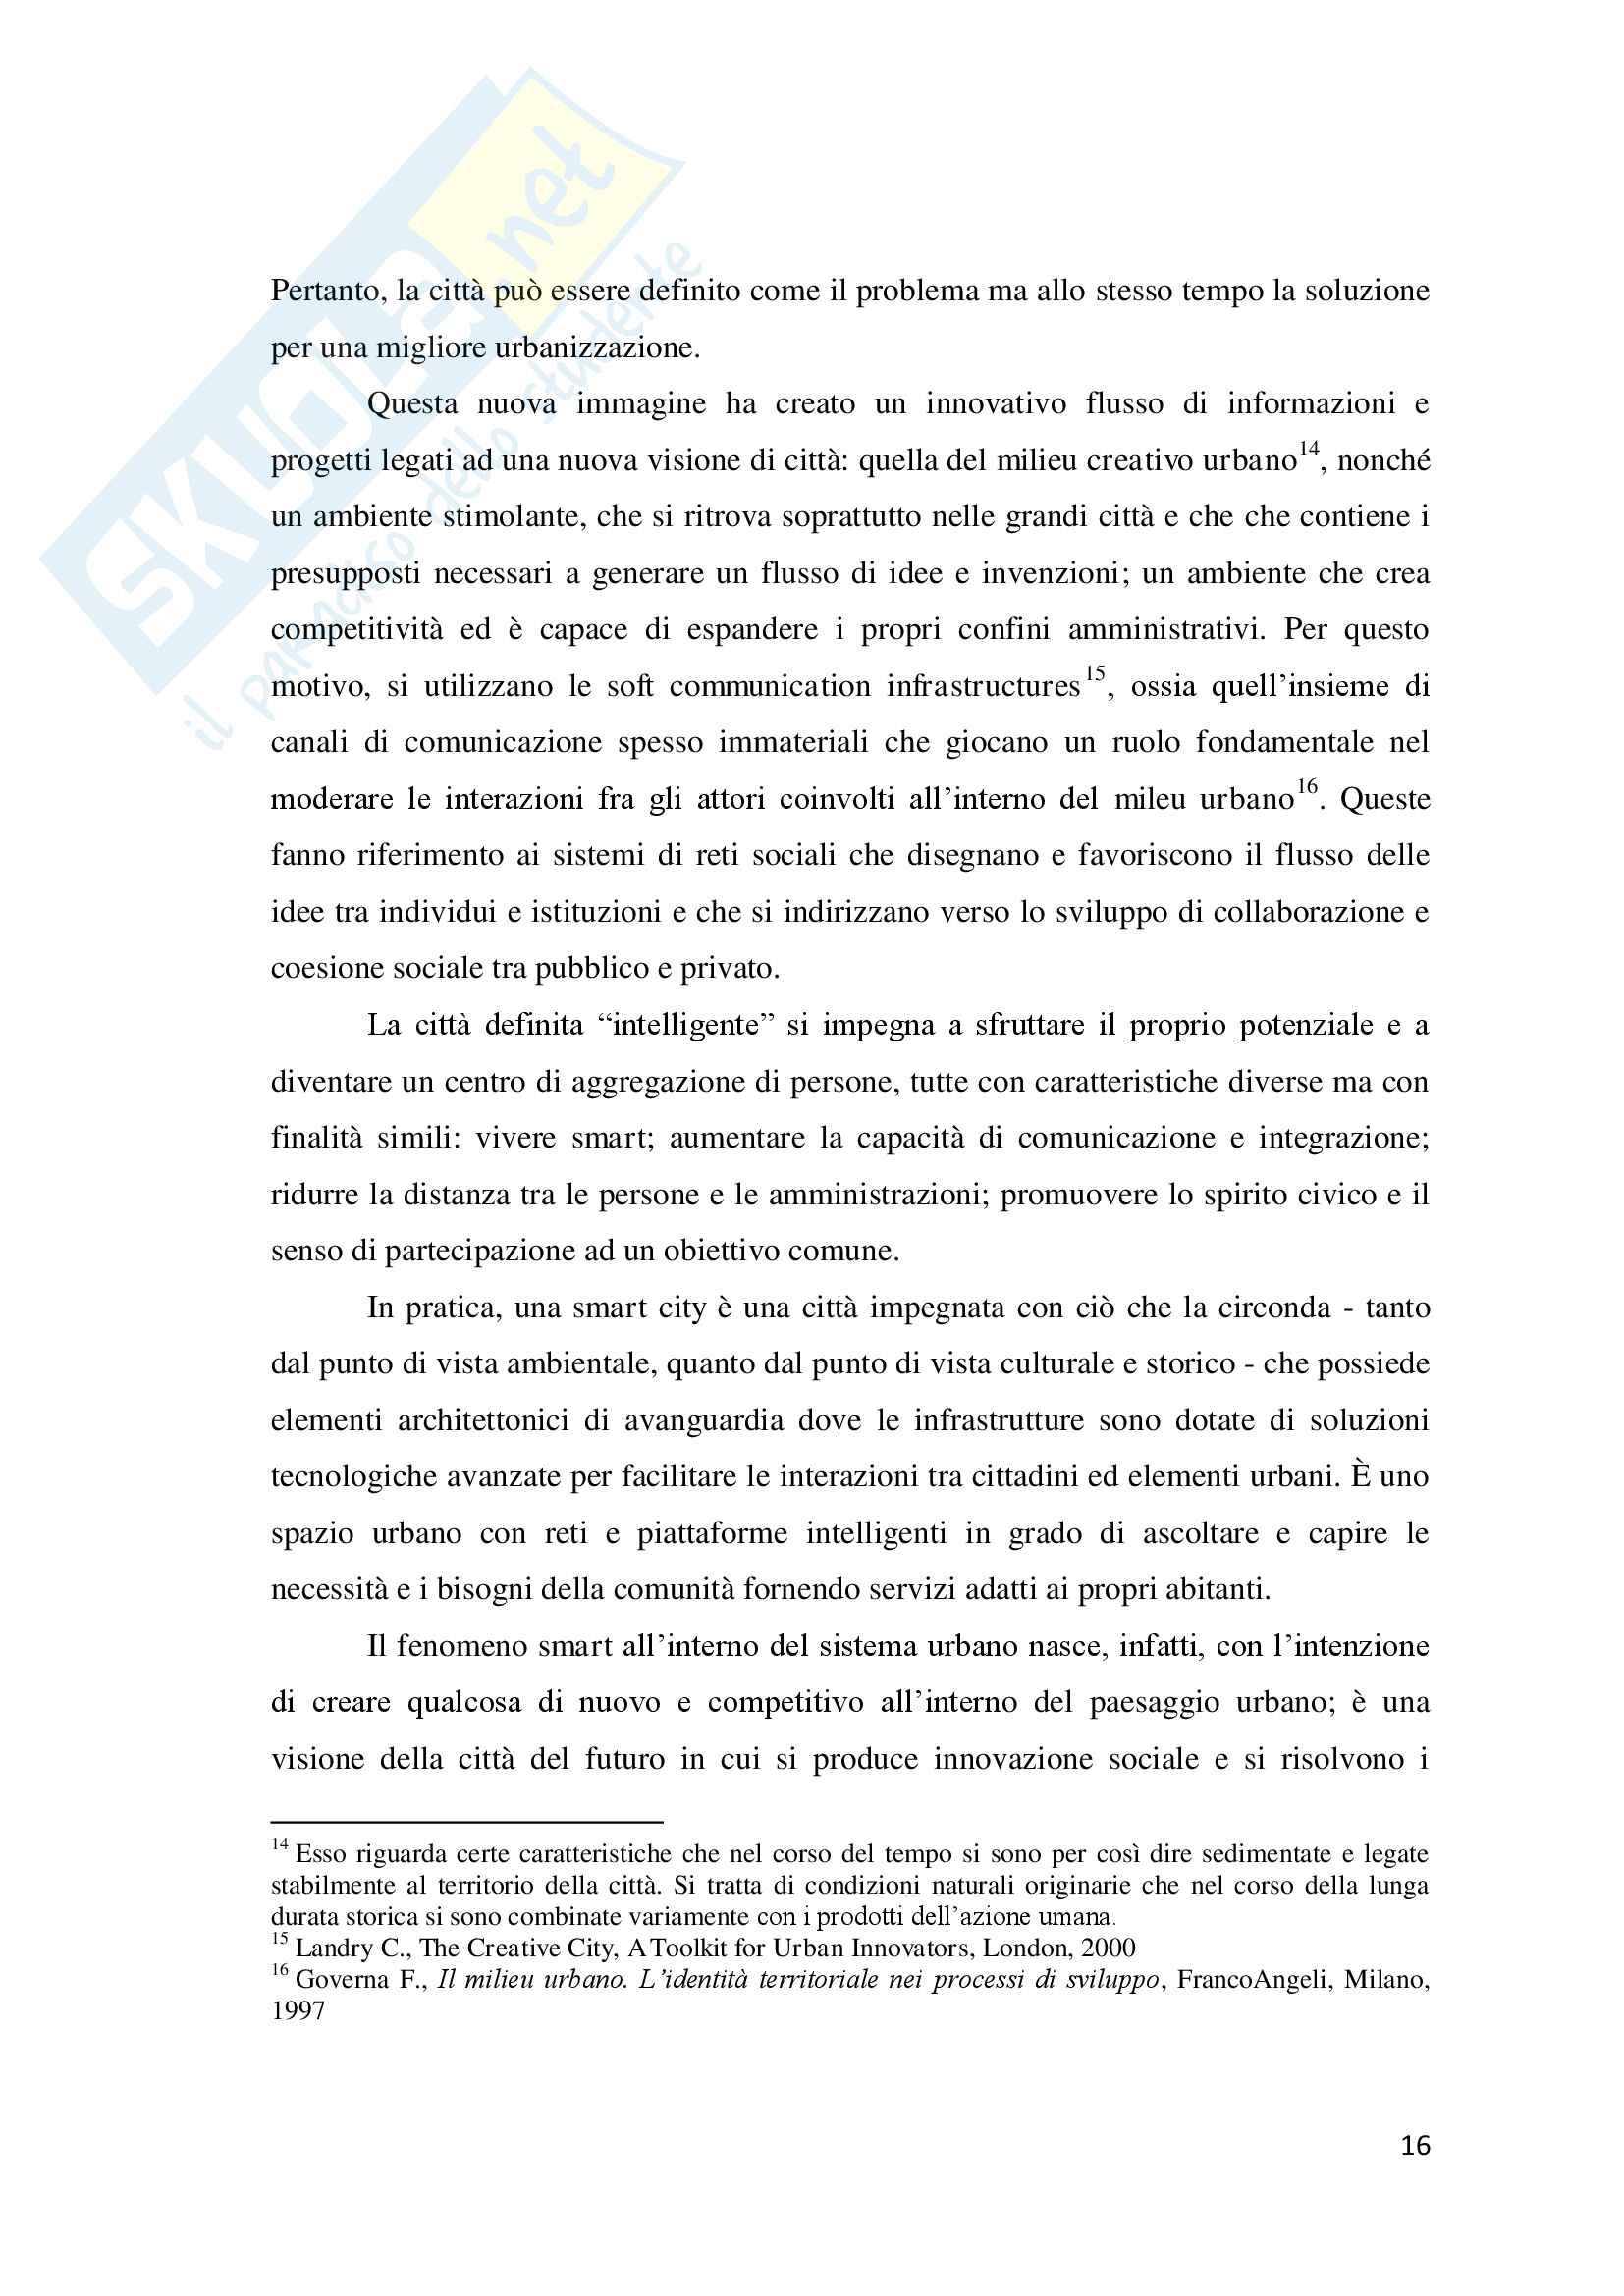 Torino Smart City: la rigenerazione della città attraverso le Information and Communication Technologies. Pag. 16